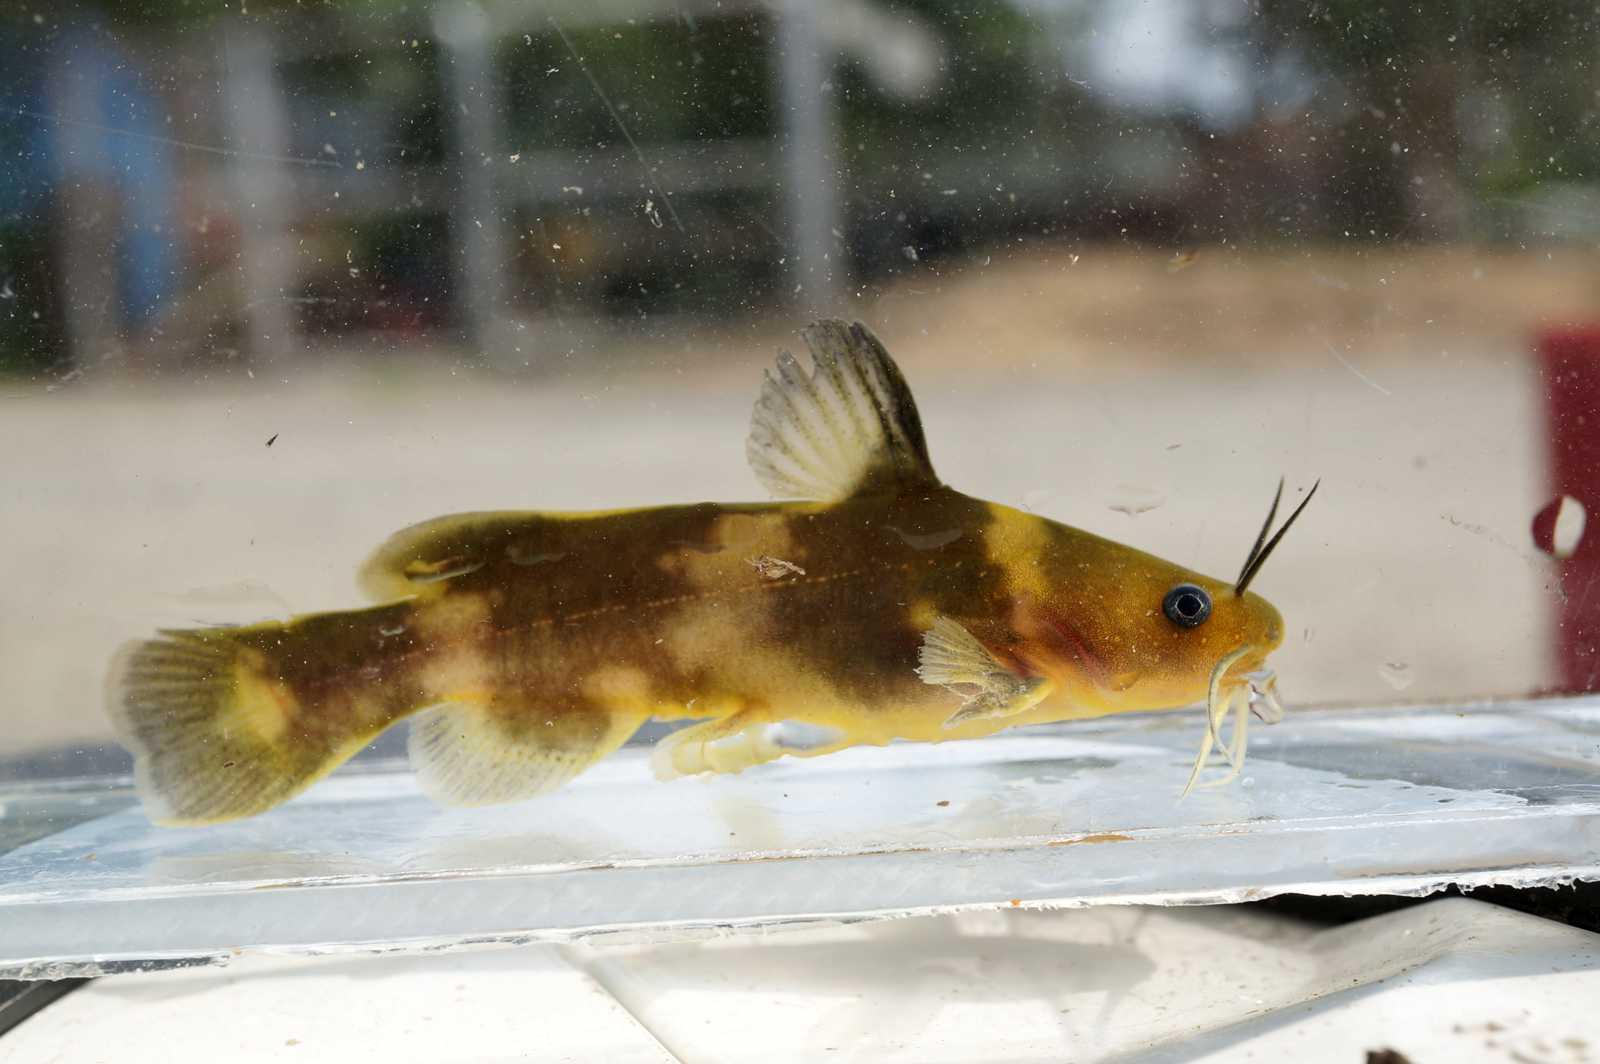 꼬치동자개(ッコチドンジャゲェ 和名ウサギギギ Pseudobagrus brevicorpus)